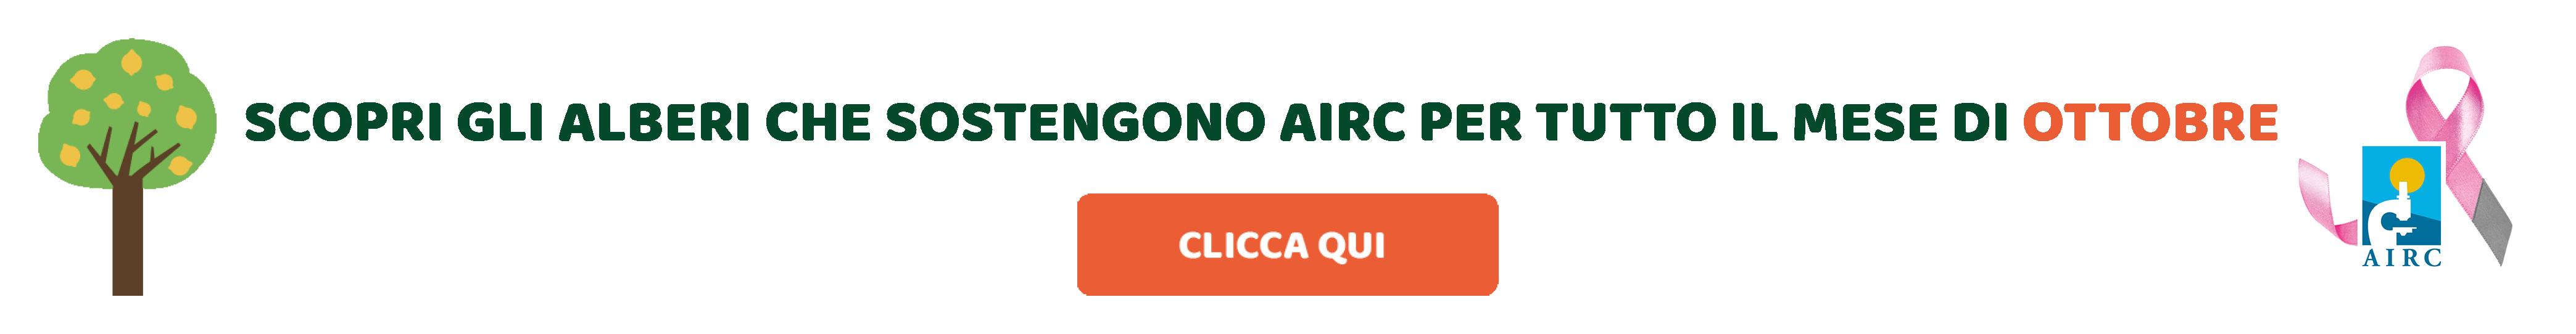 Adotta gli alberi convenzionati AIRC